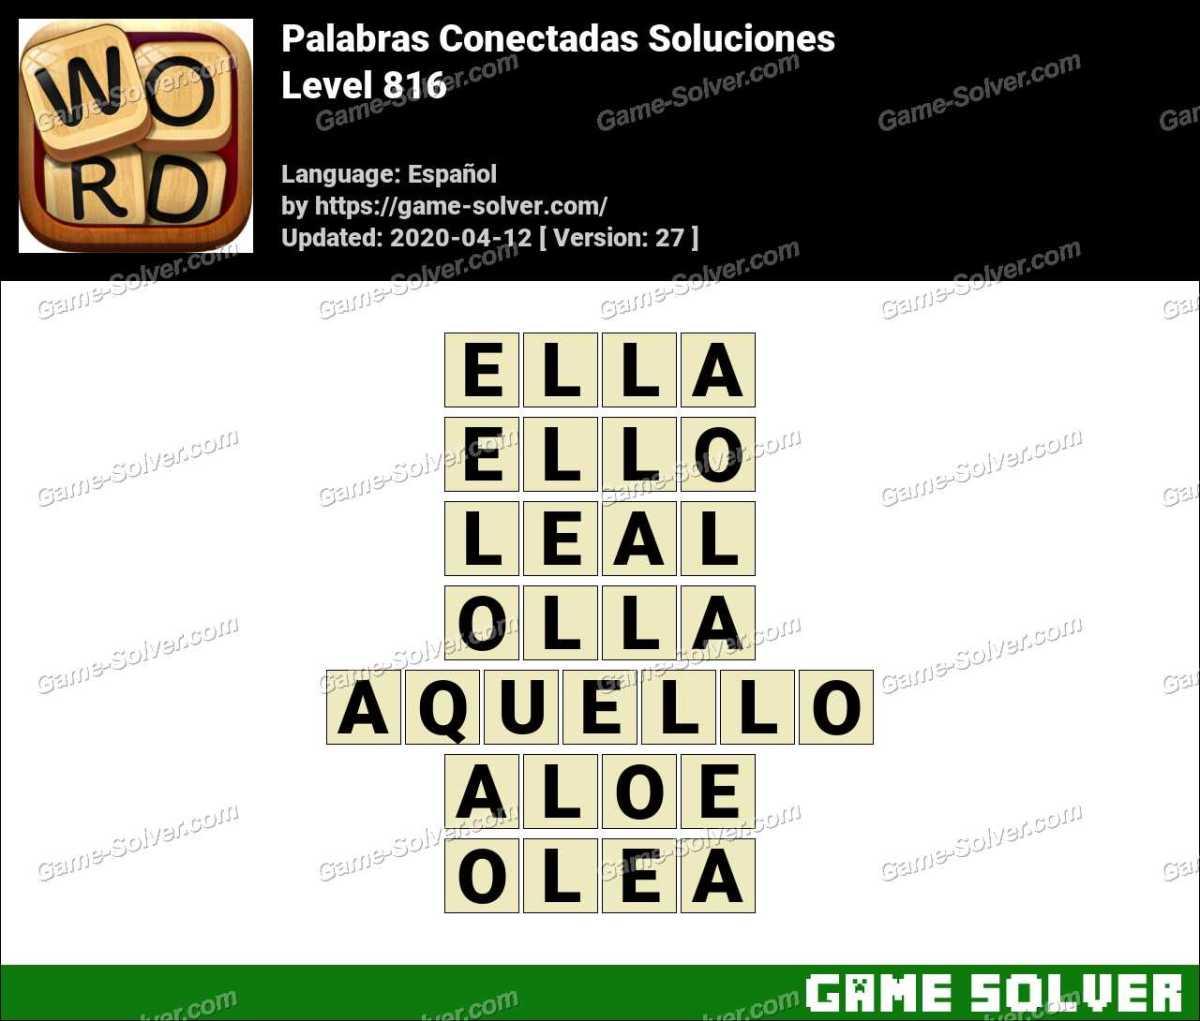 Palabras Conectadas Nivel 816 Soluciones